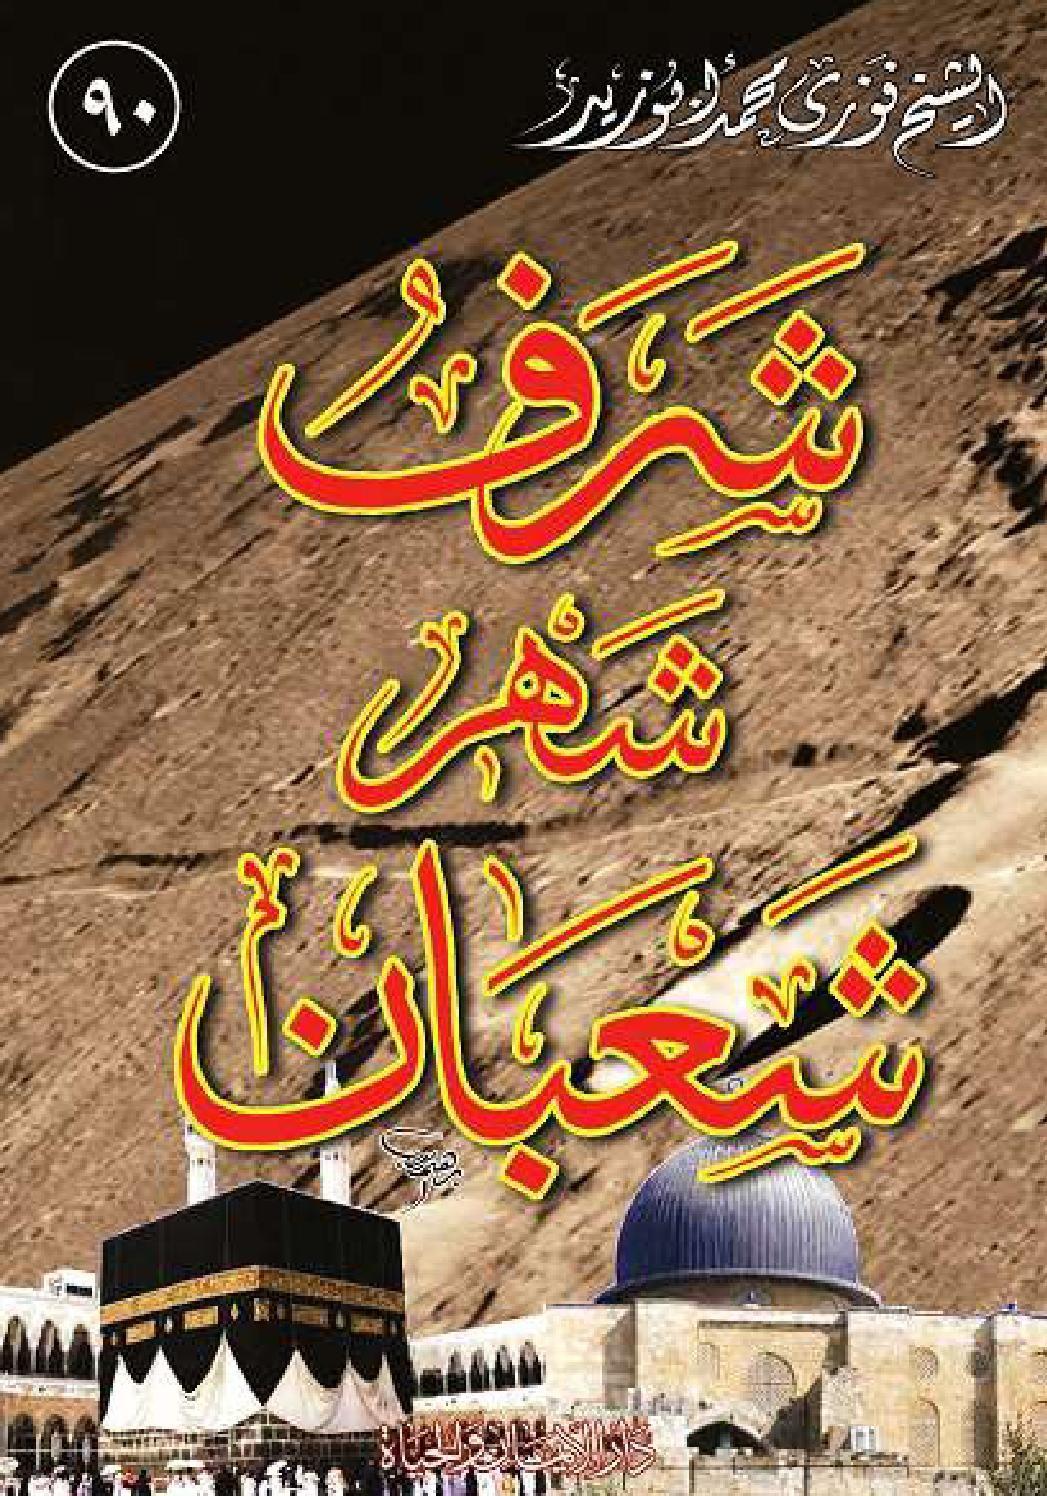 كتاب شرف شهر شعبان In 2021 Neon Signs Arabic Calligraphy Neon